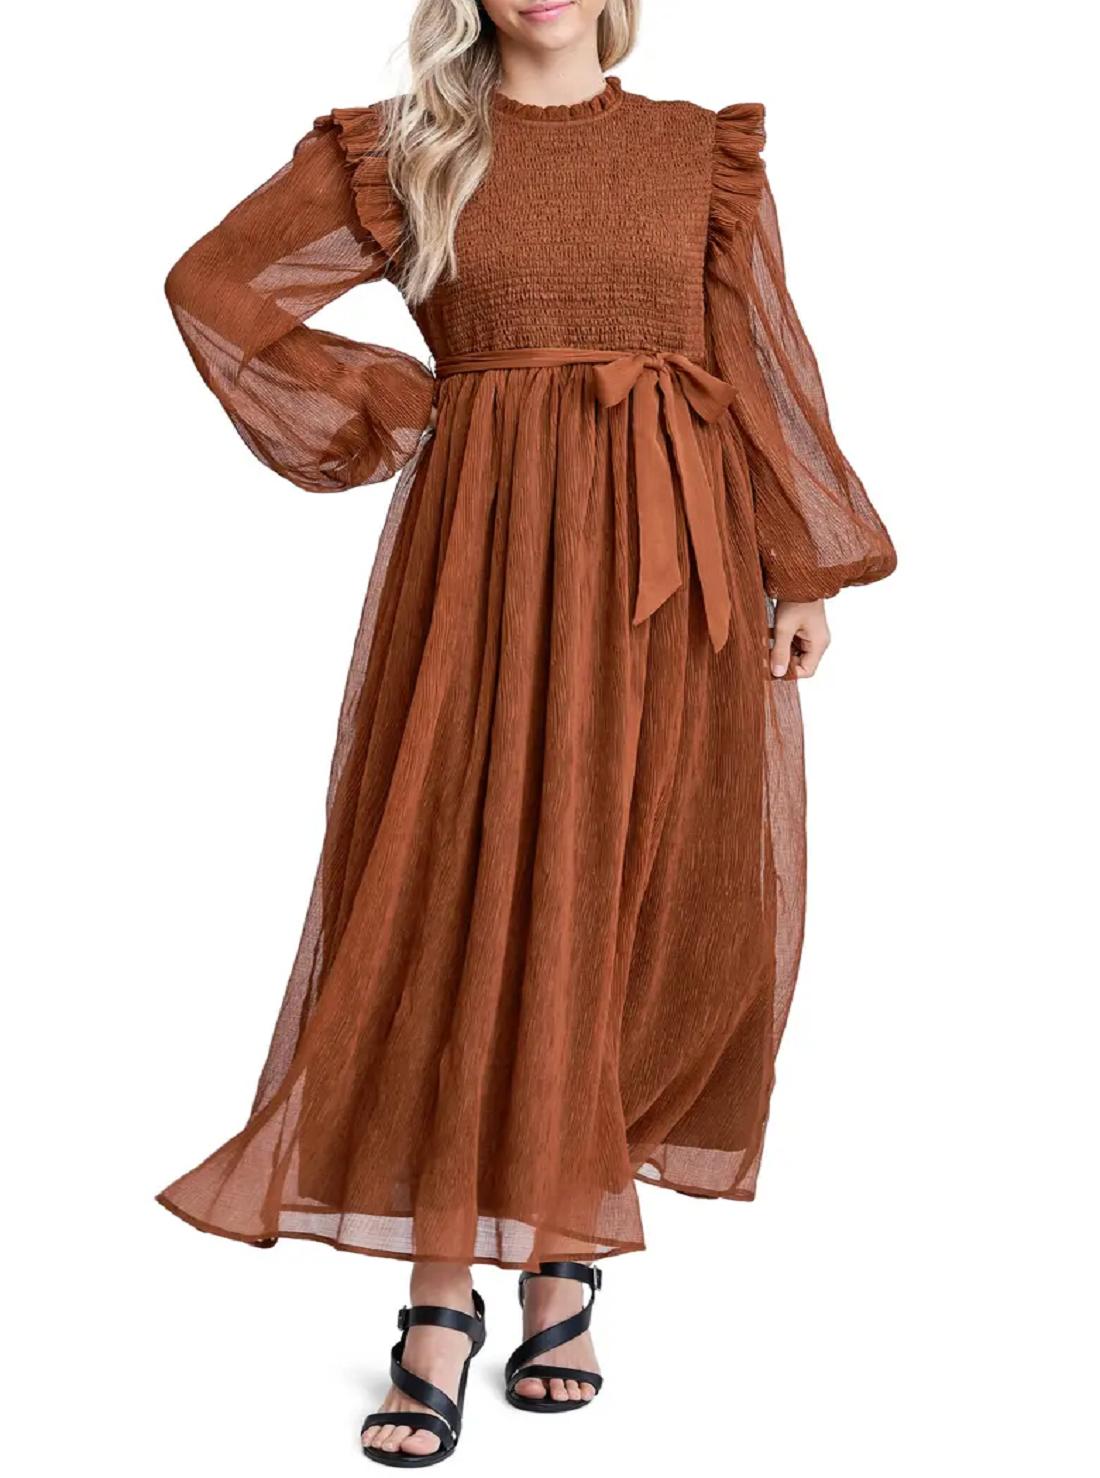 Wholesale Long Sleeved Chiffon Dress